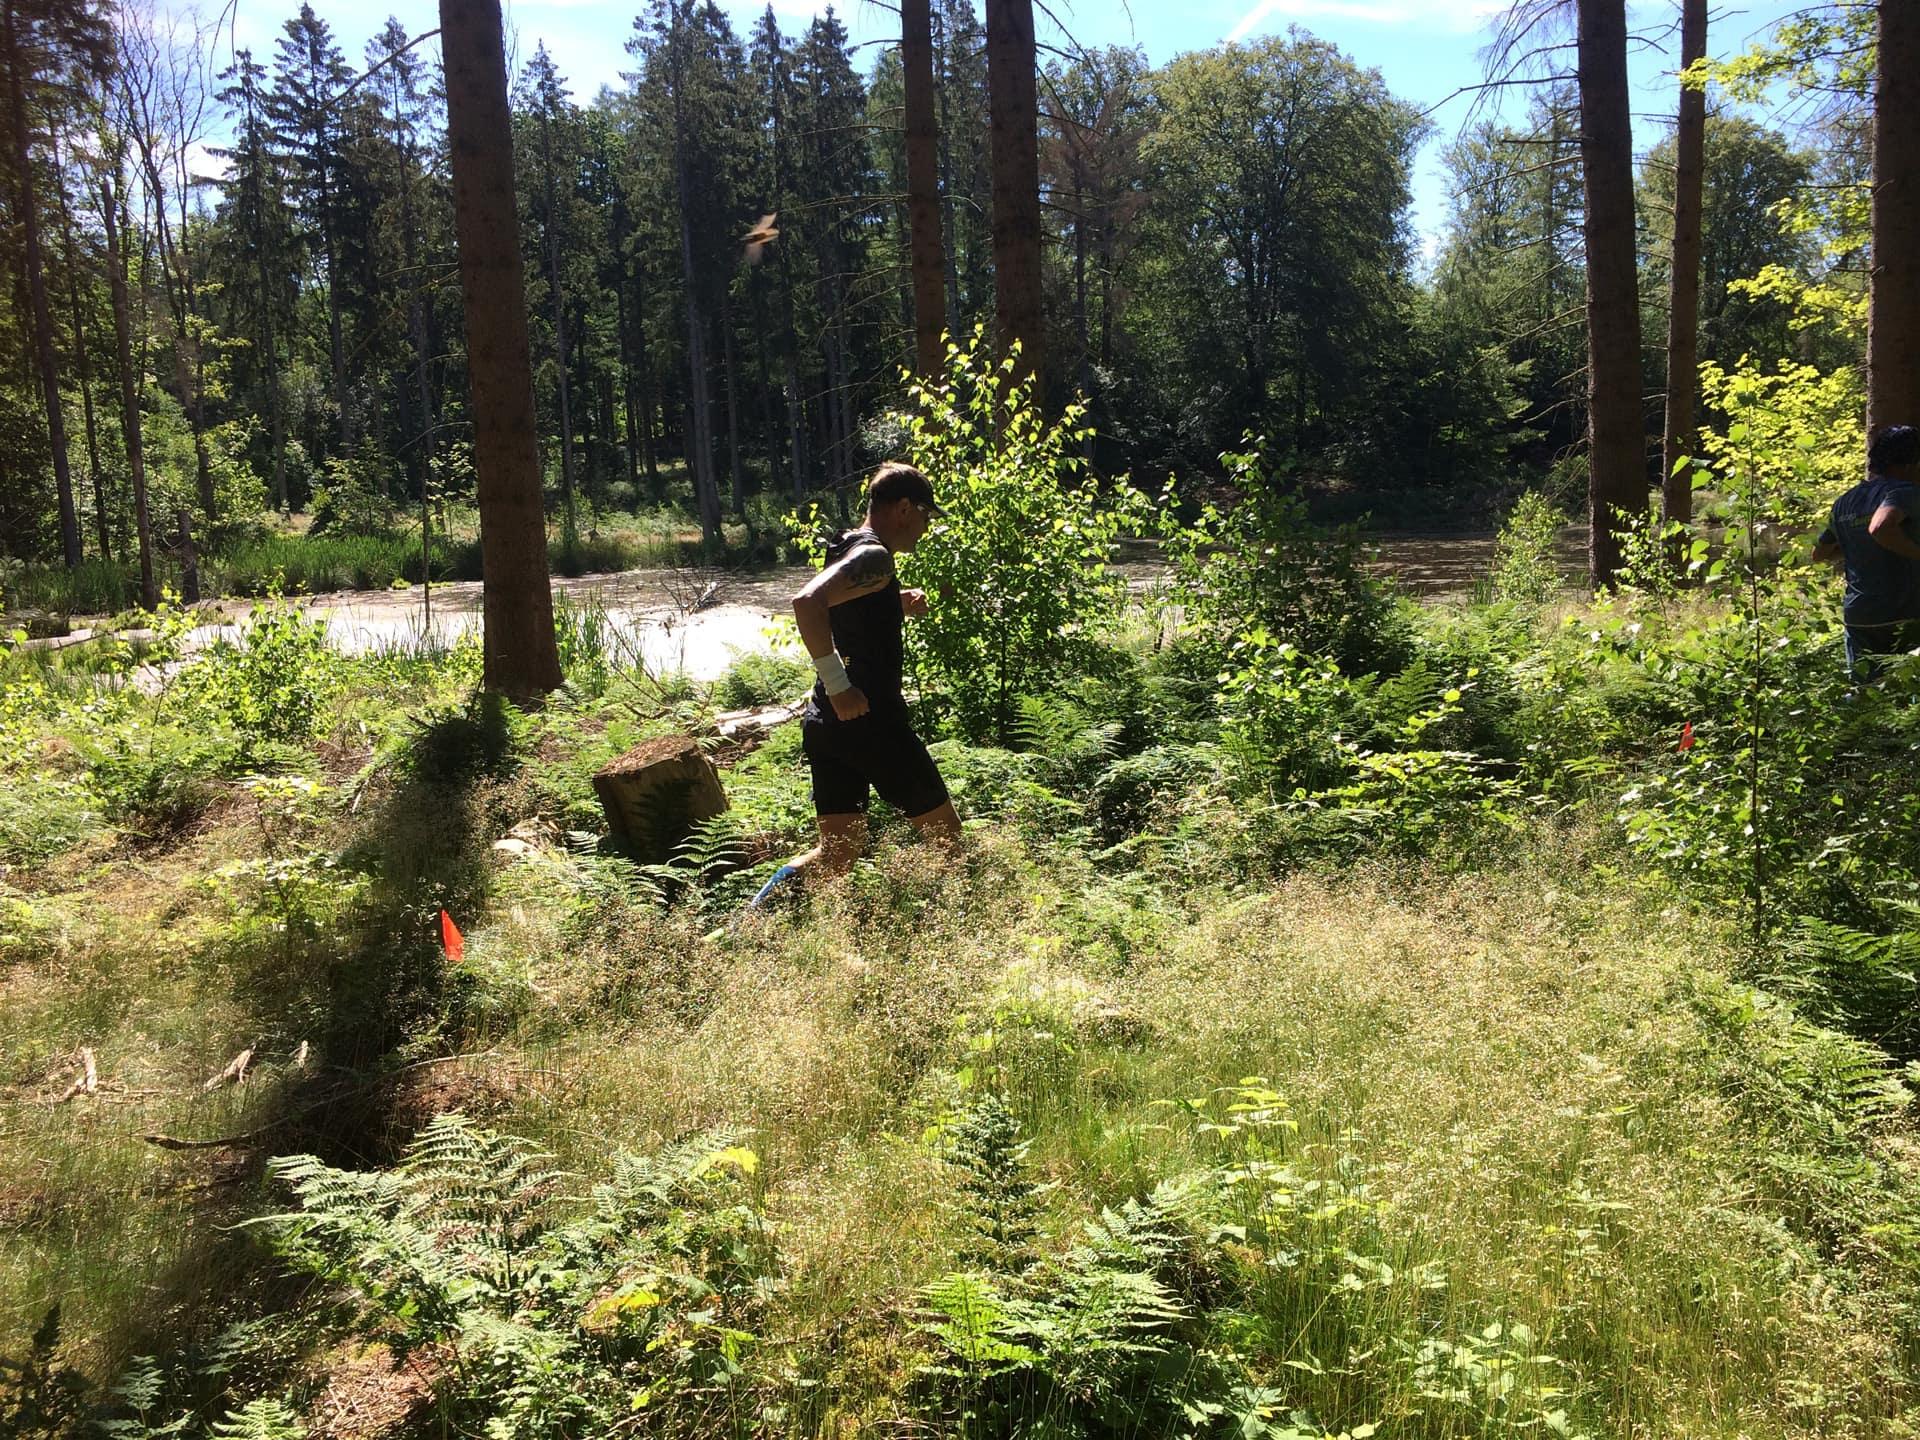 Løberejser løber Trailman i Rude skov